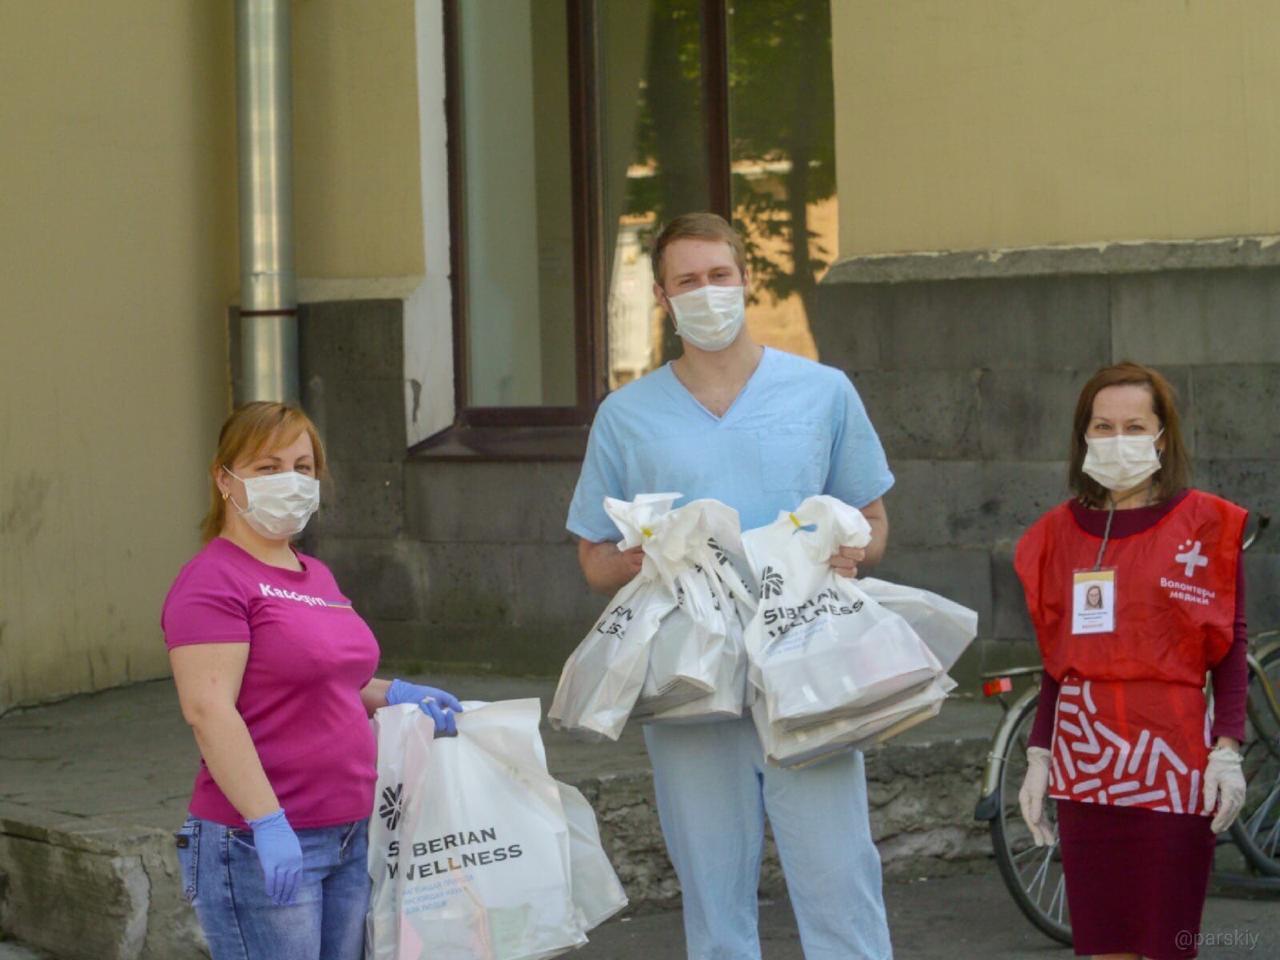 Ко Дню медицинского работника – 21 июня – Компания Siberian Wellness отправила 650 подарочных наборов врачам нескольких больниц Москвы и Новосибирска.